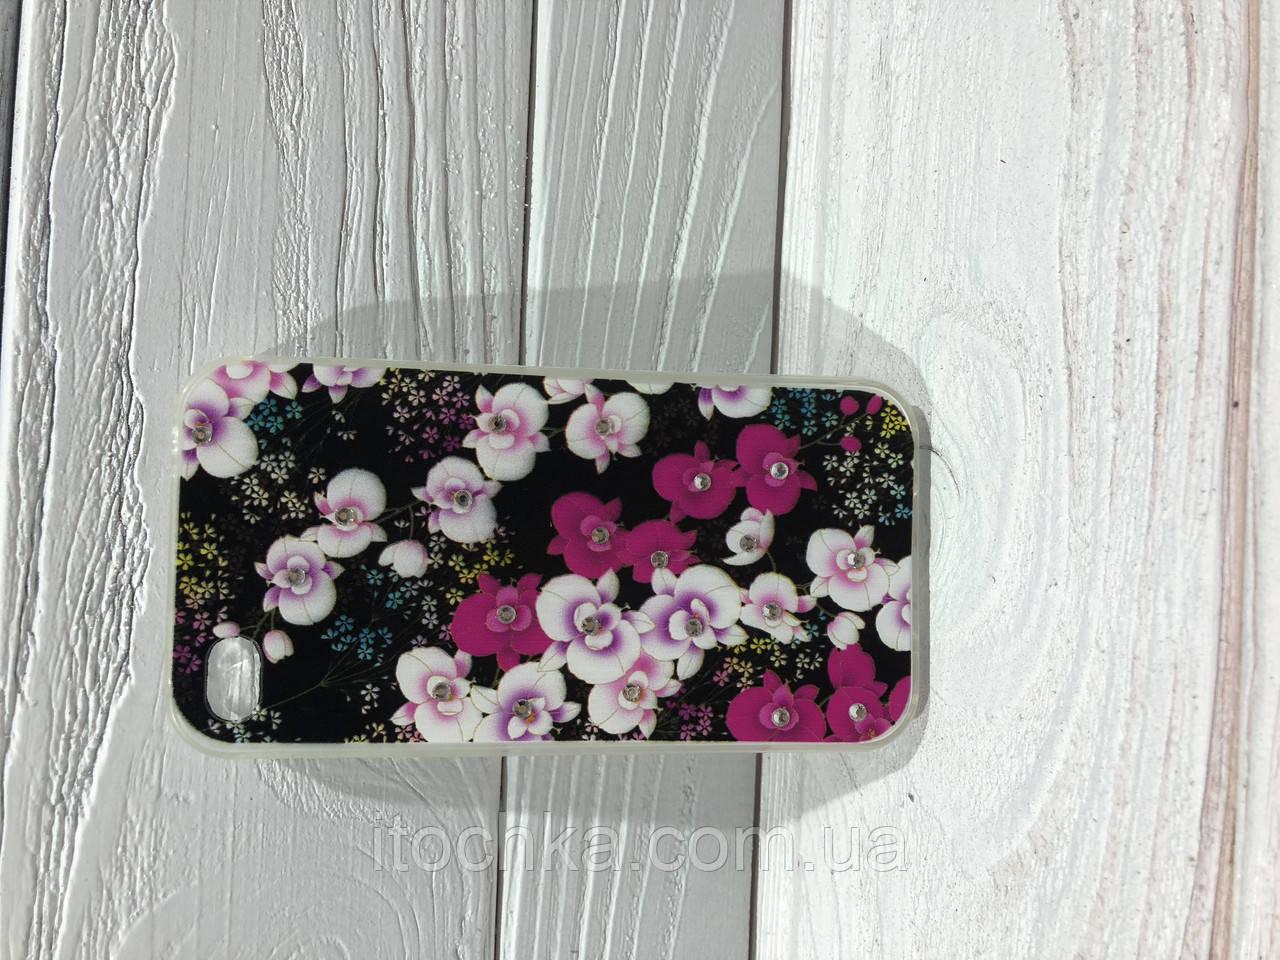 Чохол для IPhone 5/5s